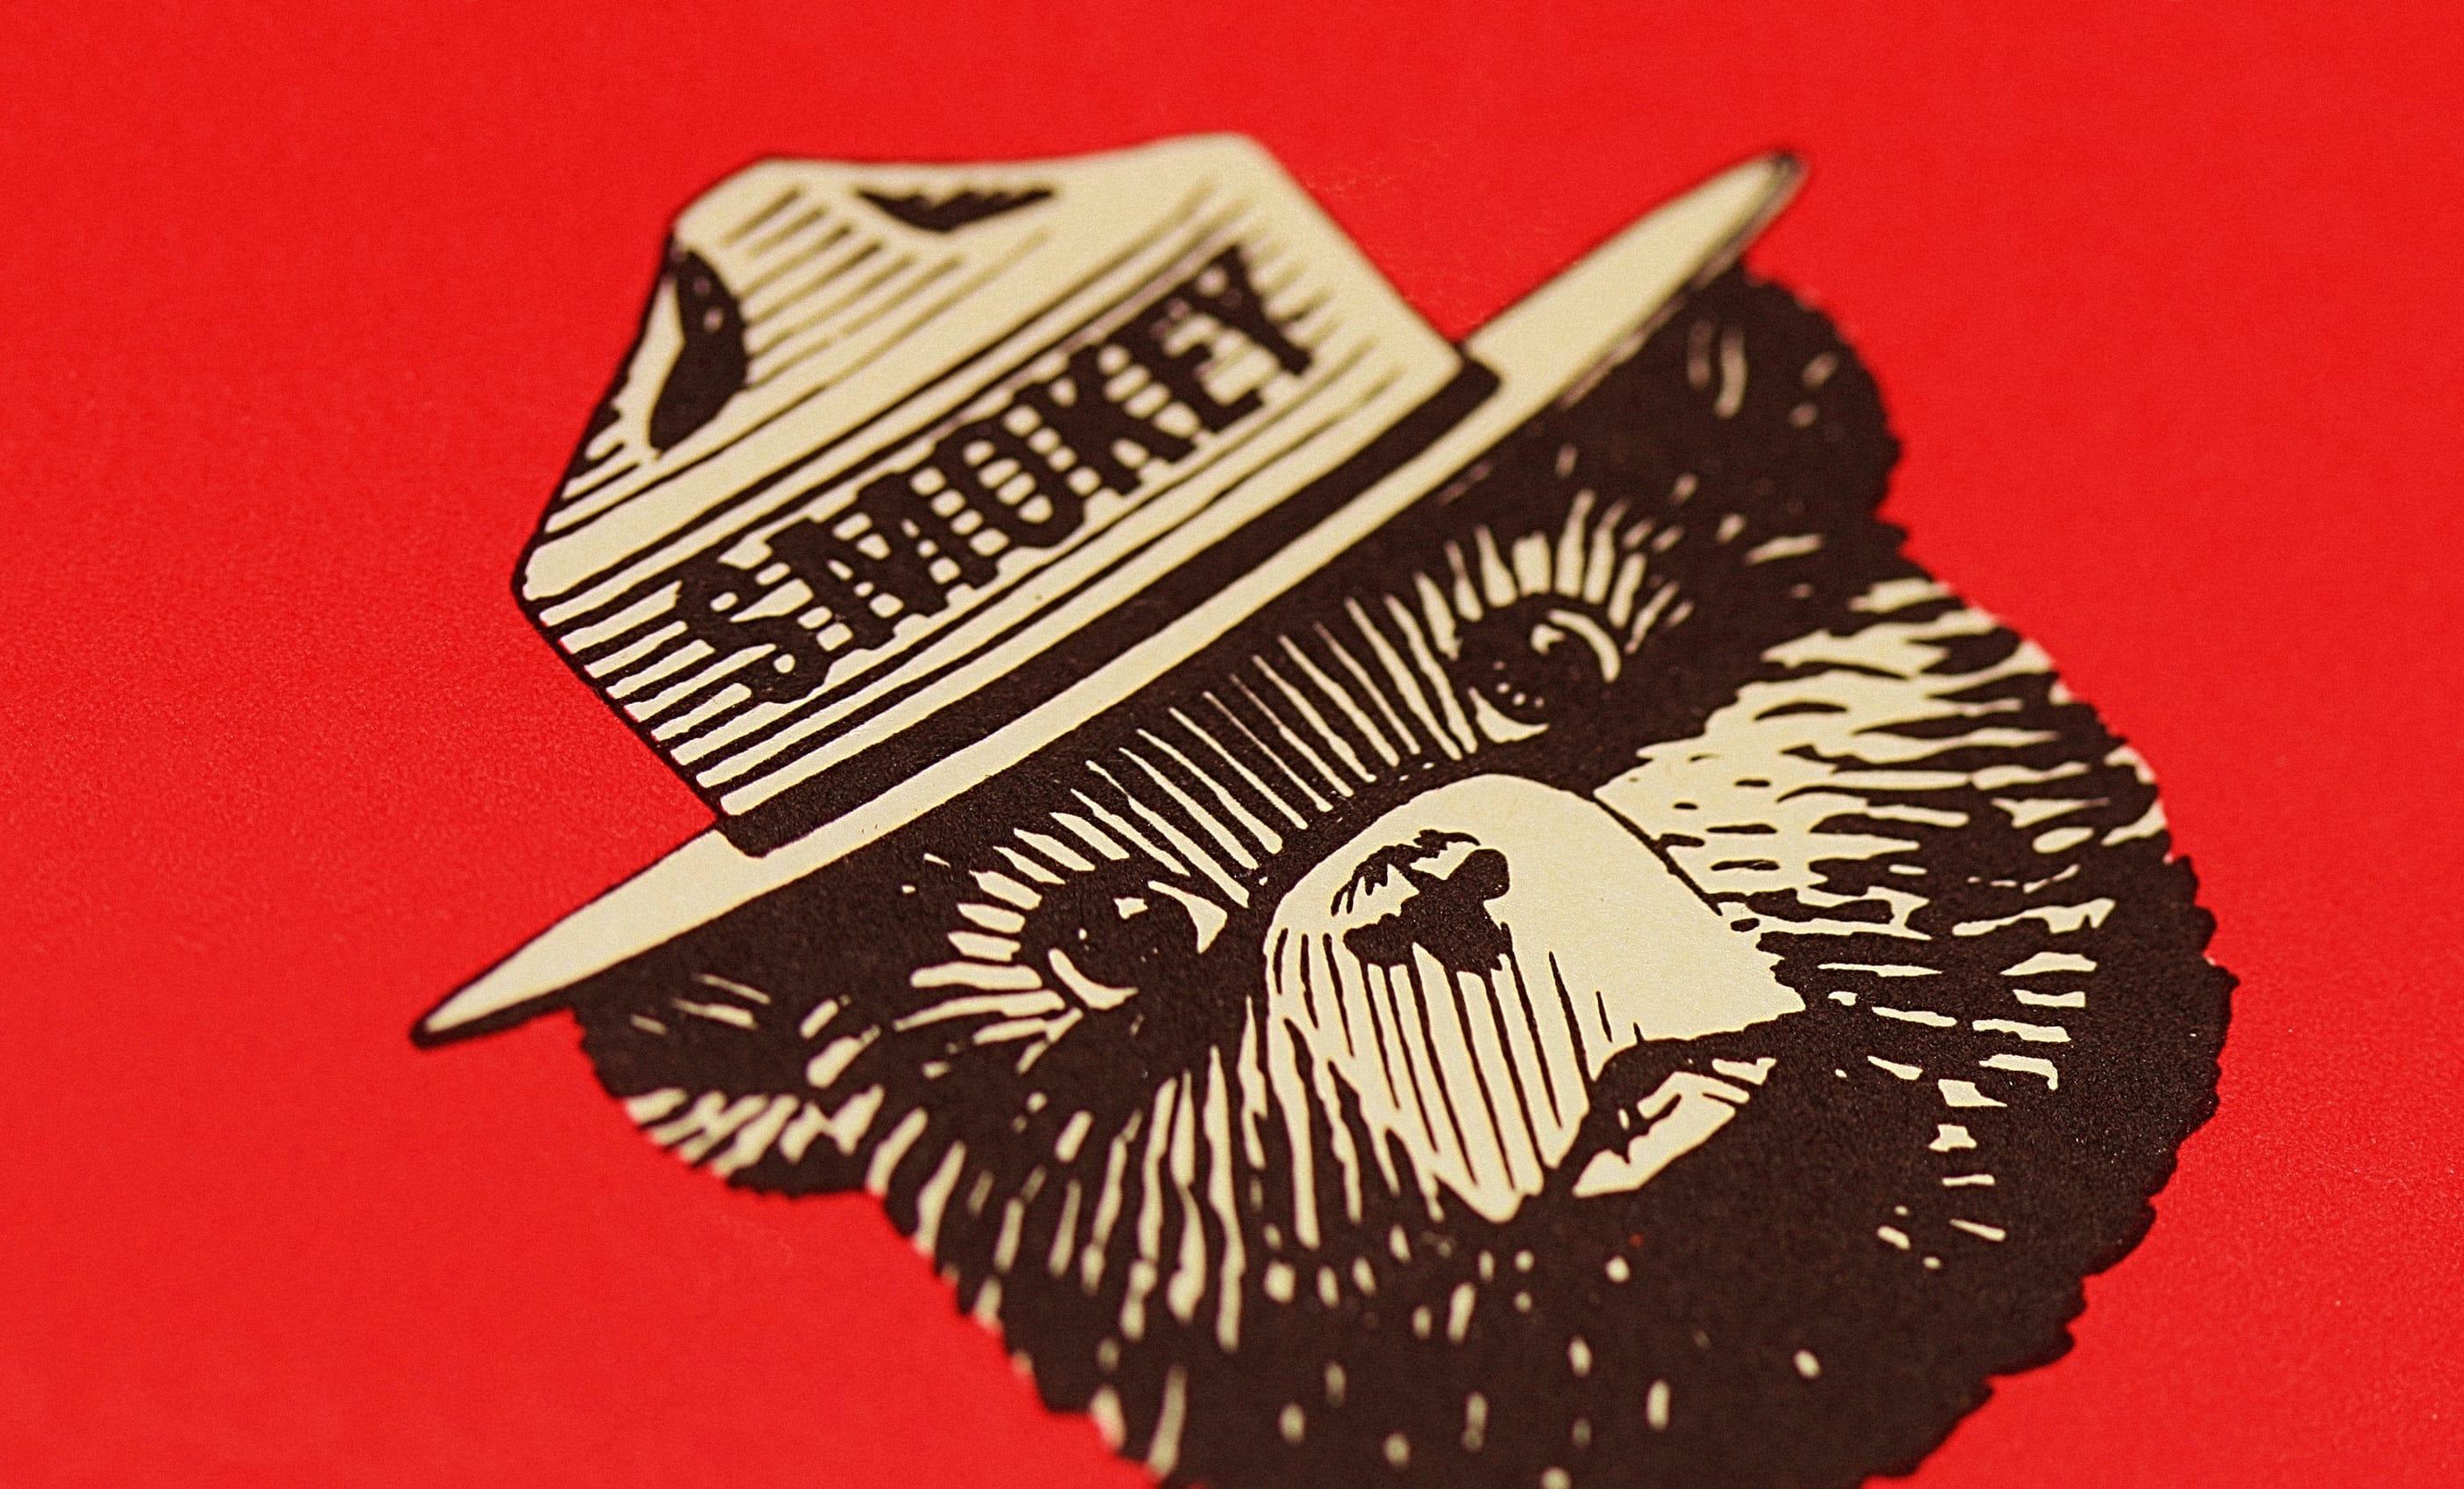 Smokey (the) Bear